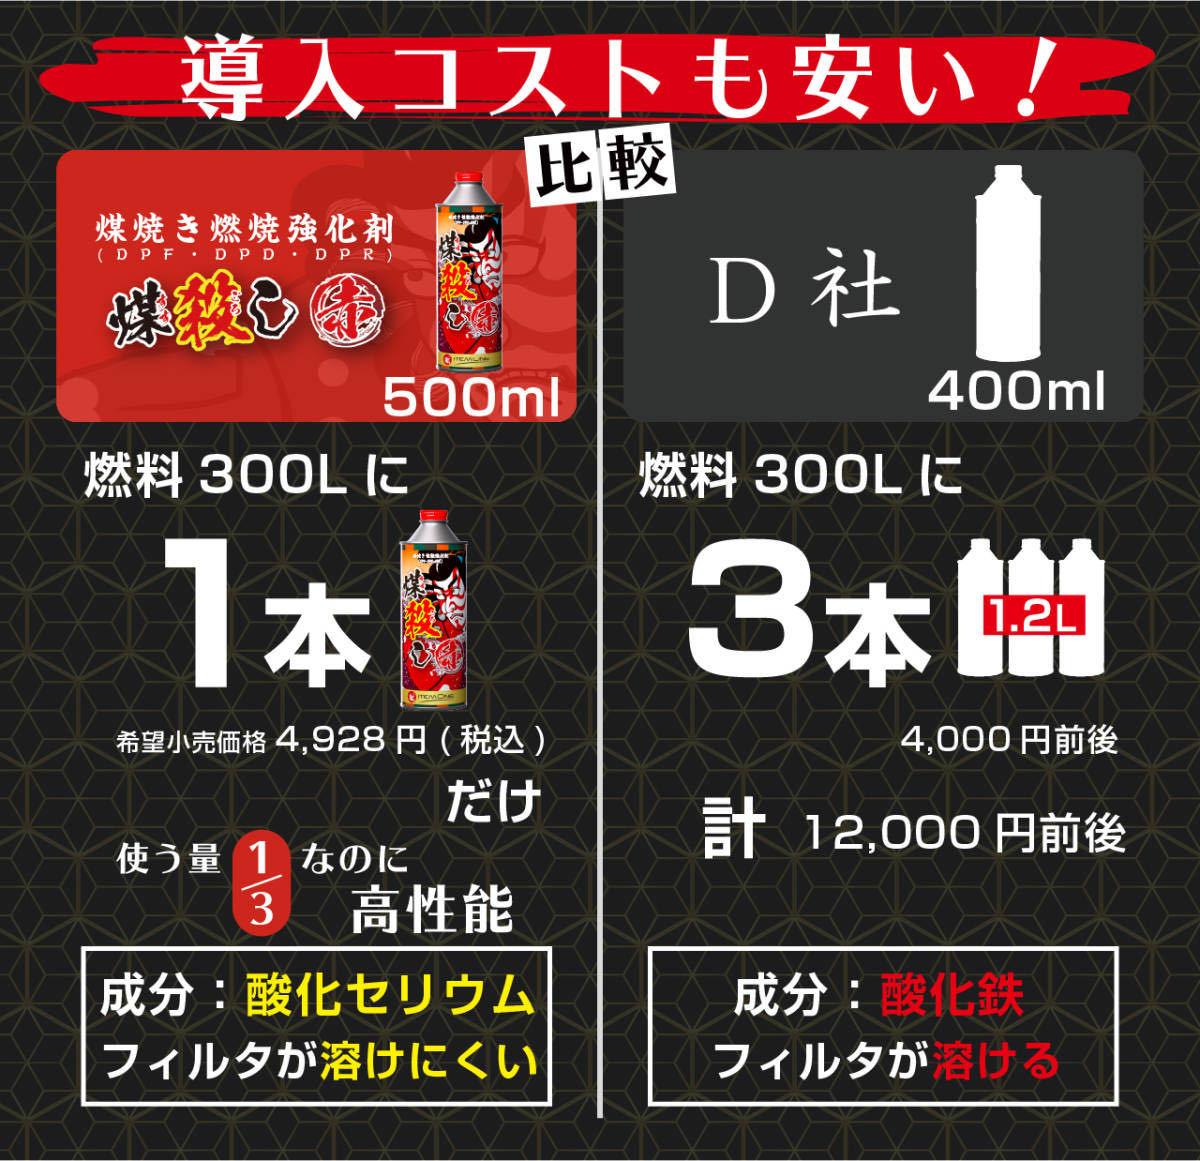 まとめて 5本セット【トラック乗必見】すす殺し 煤殺し 赤 洗浄再生クリーナー 500ml DPF DPD DPR 【お得】_画像6